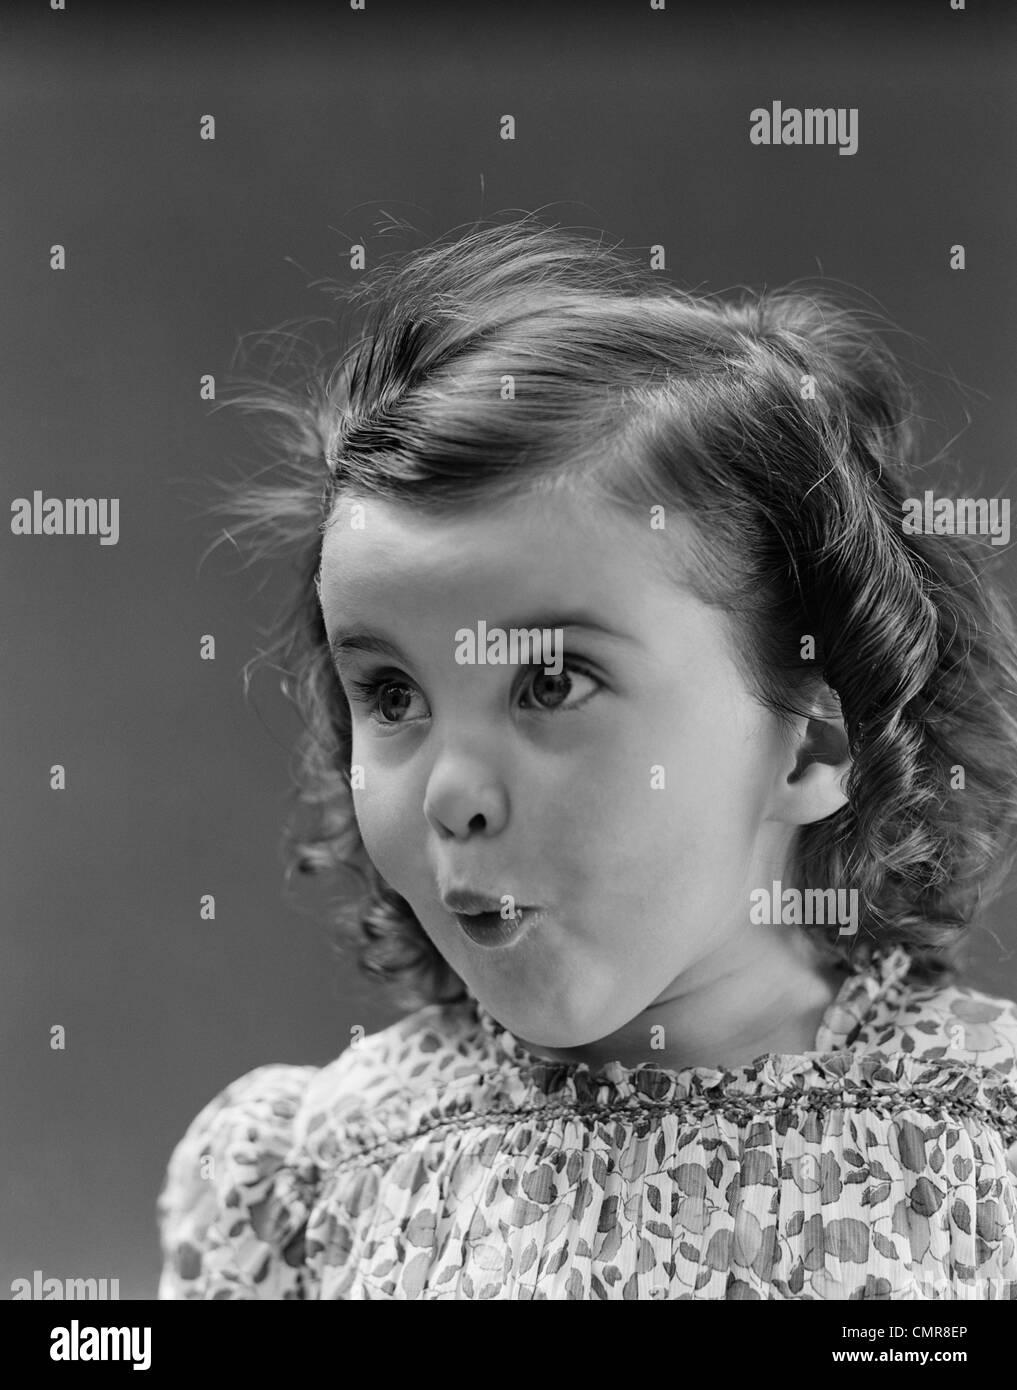 1930 PORTRAIT PETITE FILLE BRUNE AVEC L'expression du visage étonné surpris Photo Stock